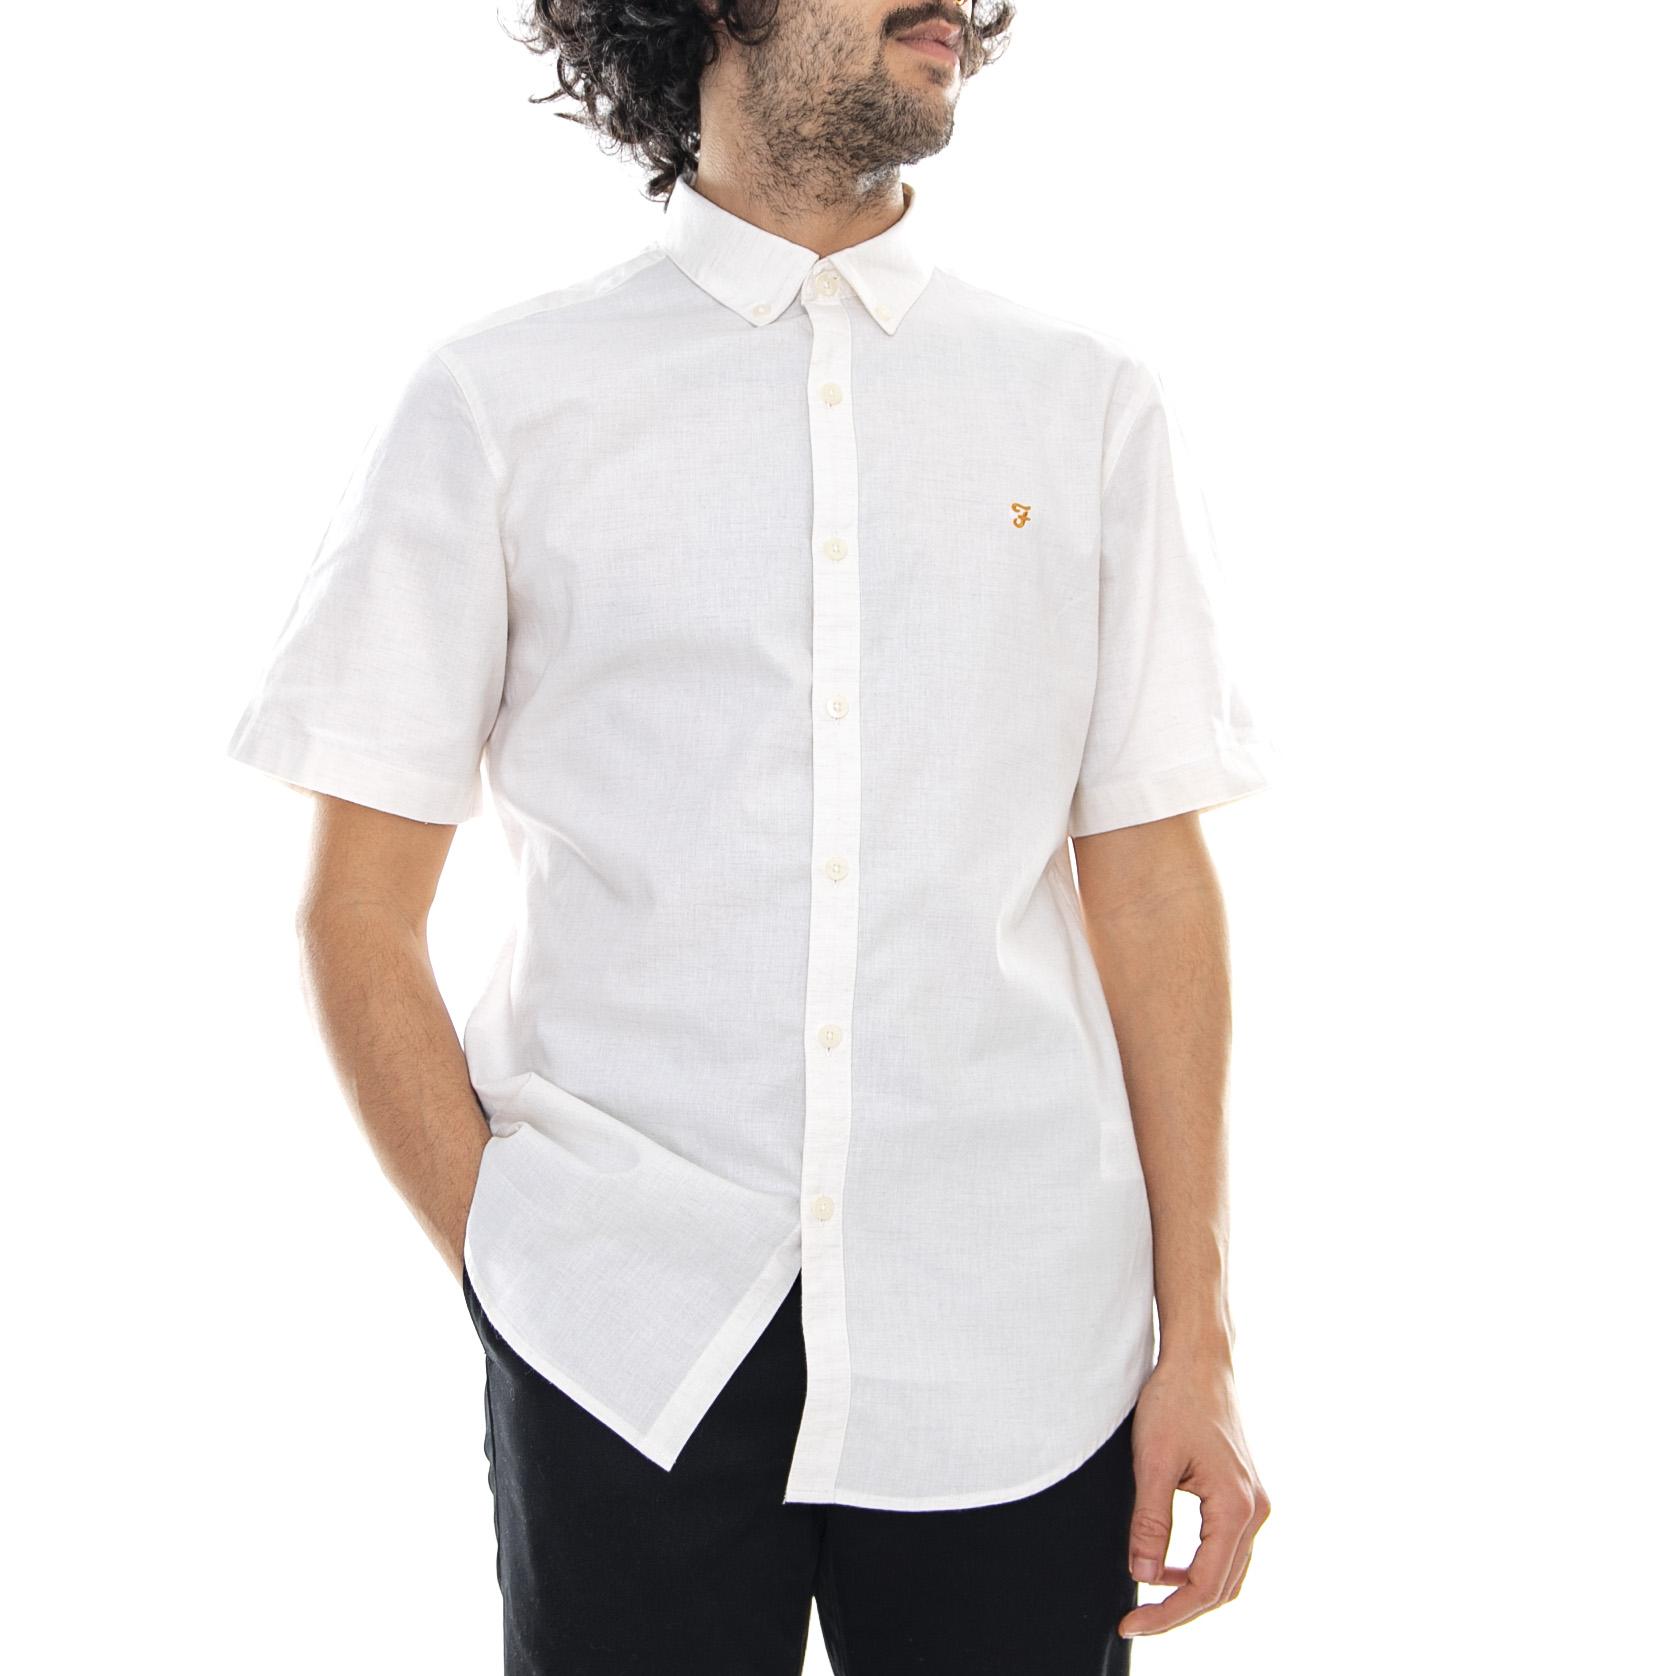 Camicie Ebay Ebay Corte Maniche Uomo Corte Camicie Uomo Maniche zVMqSpU